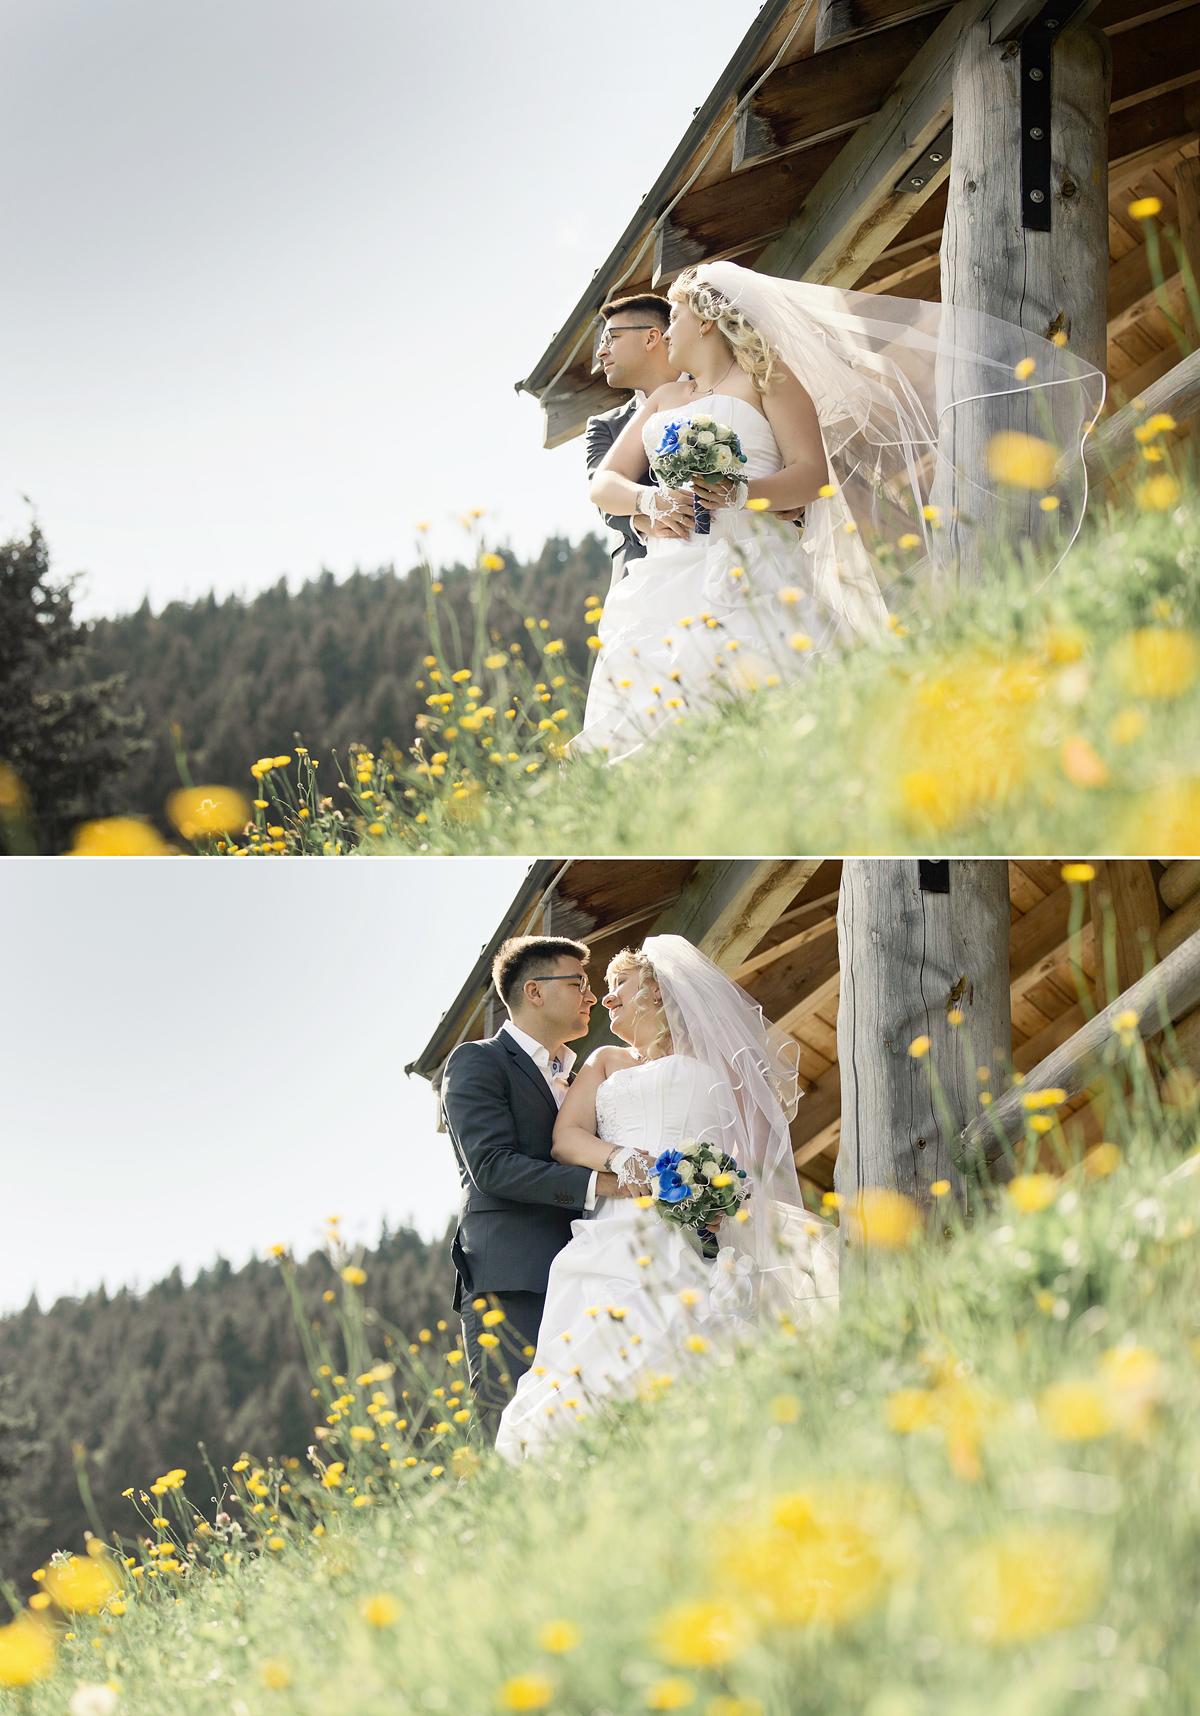 Hochzeit panotramahotel oberwiesenthal